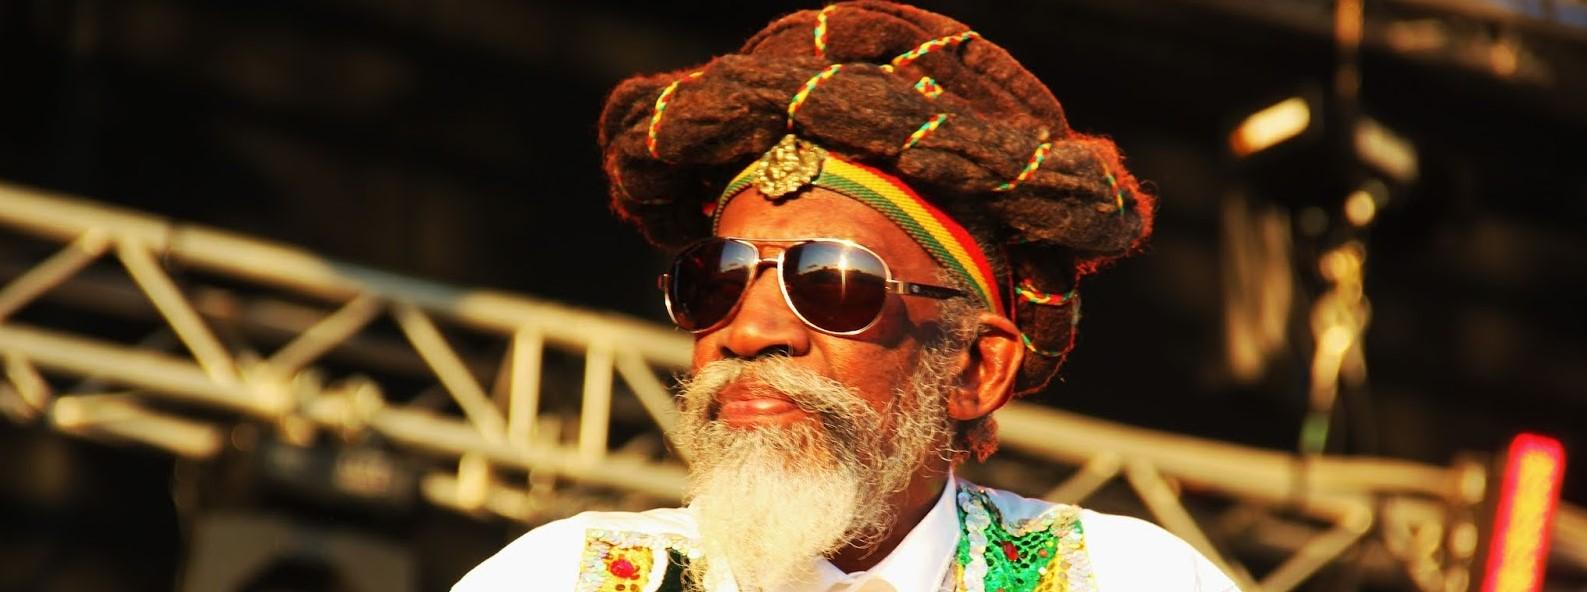 Legendary Reggae Singer Bunny Wailer is Dead